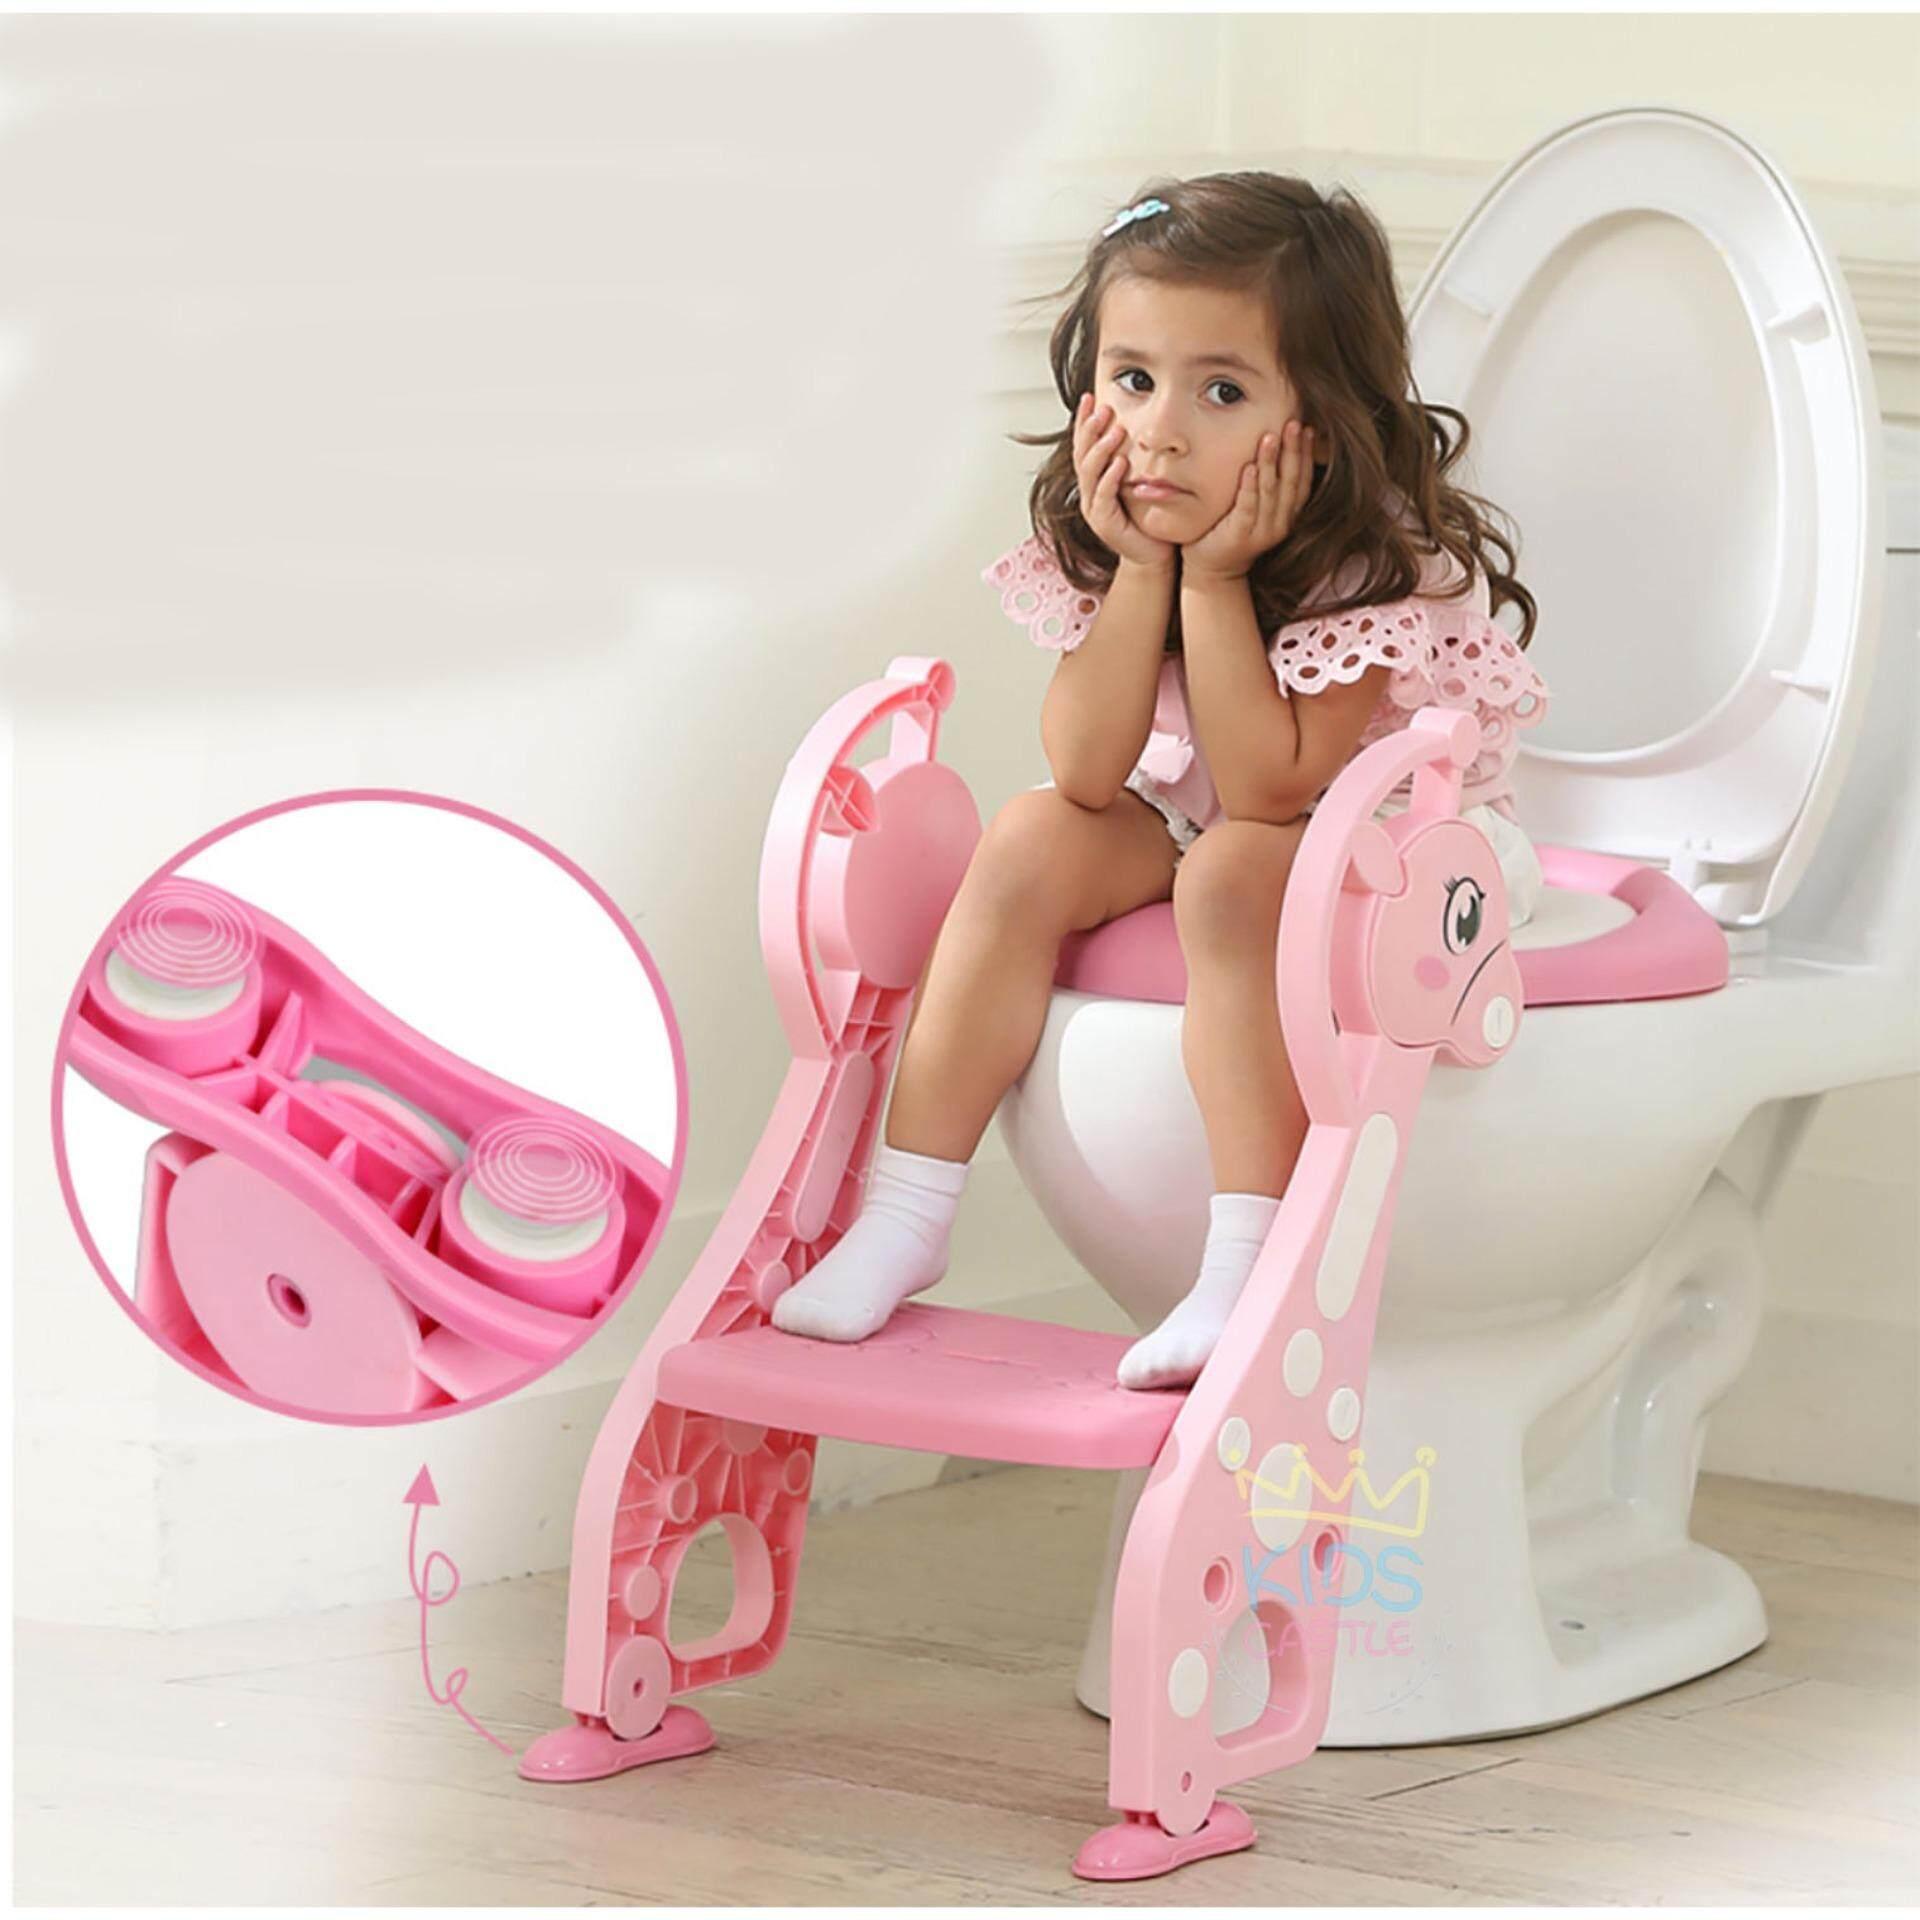 ขาย Kids Castle บันไดขึ้นขึ้นชักโครกฝารองนั่งชักโครกสำหรับเด็กน้องยีราฟ Baby Step Toilet Seat Giraffe ราคาถูกที่สุด